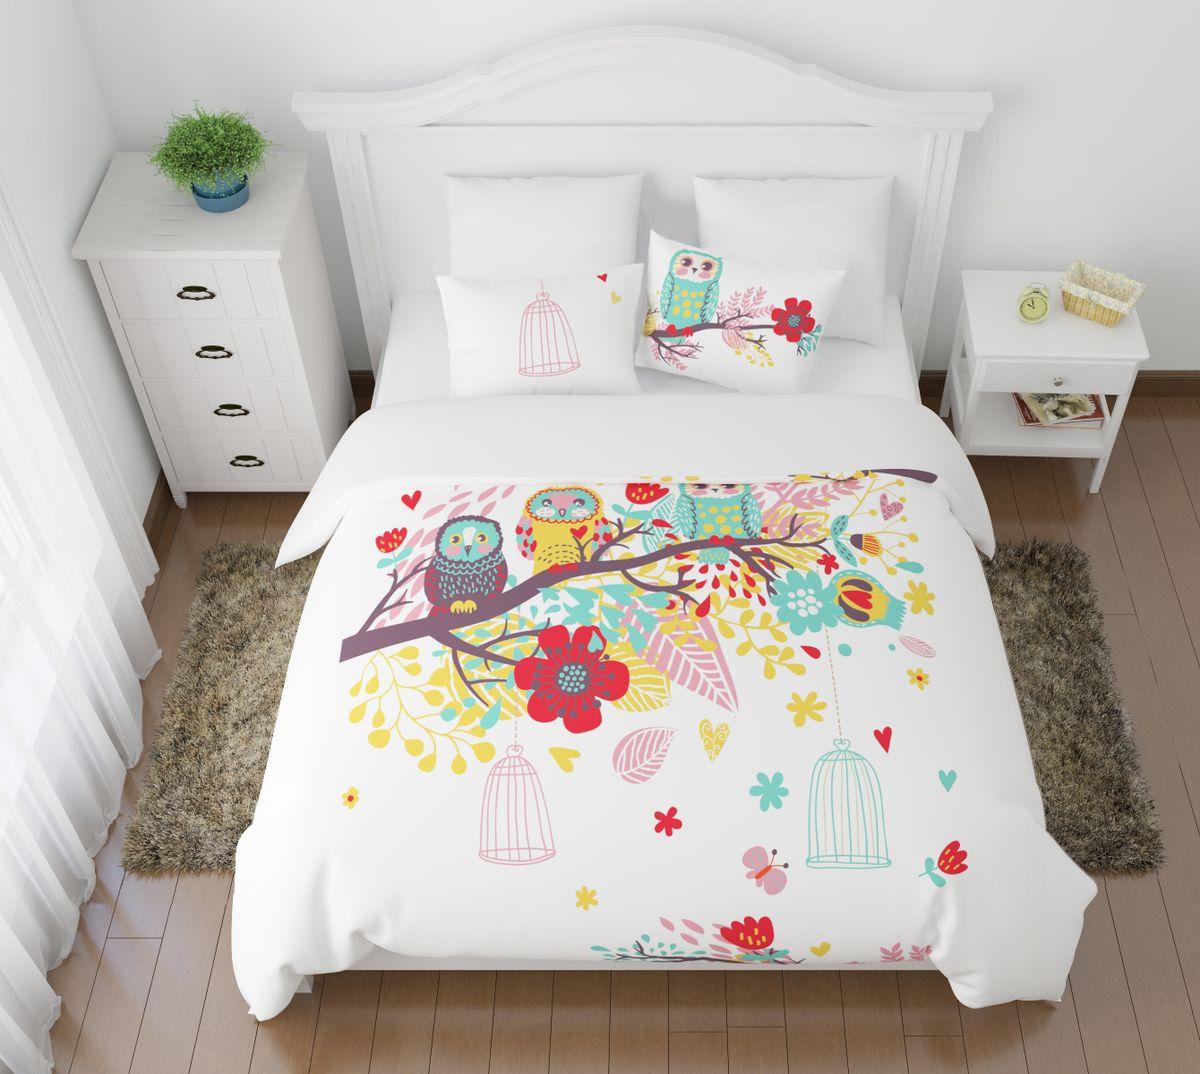 Комплект белья Сирень Волшебный сон, 1,5-спальный, наволочки 50x7002679-КПБ-МКомплект постельного белья Сирень состоит из простыни, пододеяльника и 2 наволочек. Комплект выполнен из современных гипоаллергенных материалов. Приятный при прикосновении сатин - гарантия здорового, спокойного сна. Ткань хорошо впитывает влагу, надолго сохраняет яркость красок. Четкий, изящный рисунок в сочетании с насыщенными красками делает комплект постельного белья неповторимой изюминкой любого интерьера. Постельное белье идеально подойдет для подарка. .